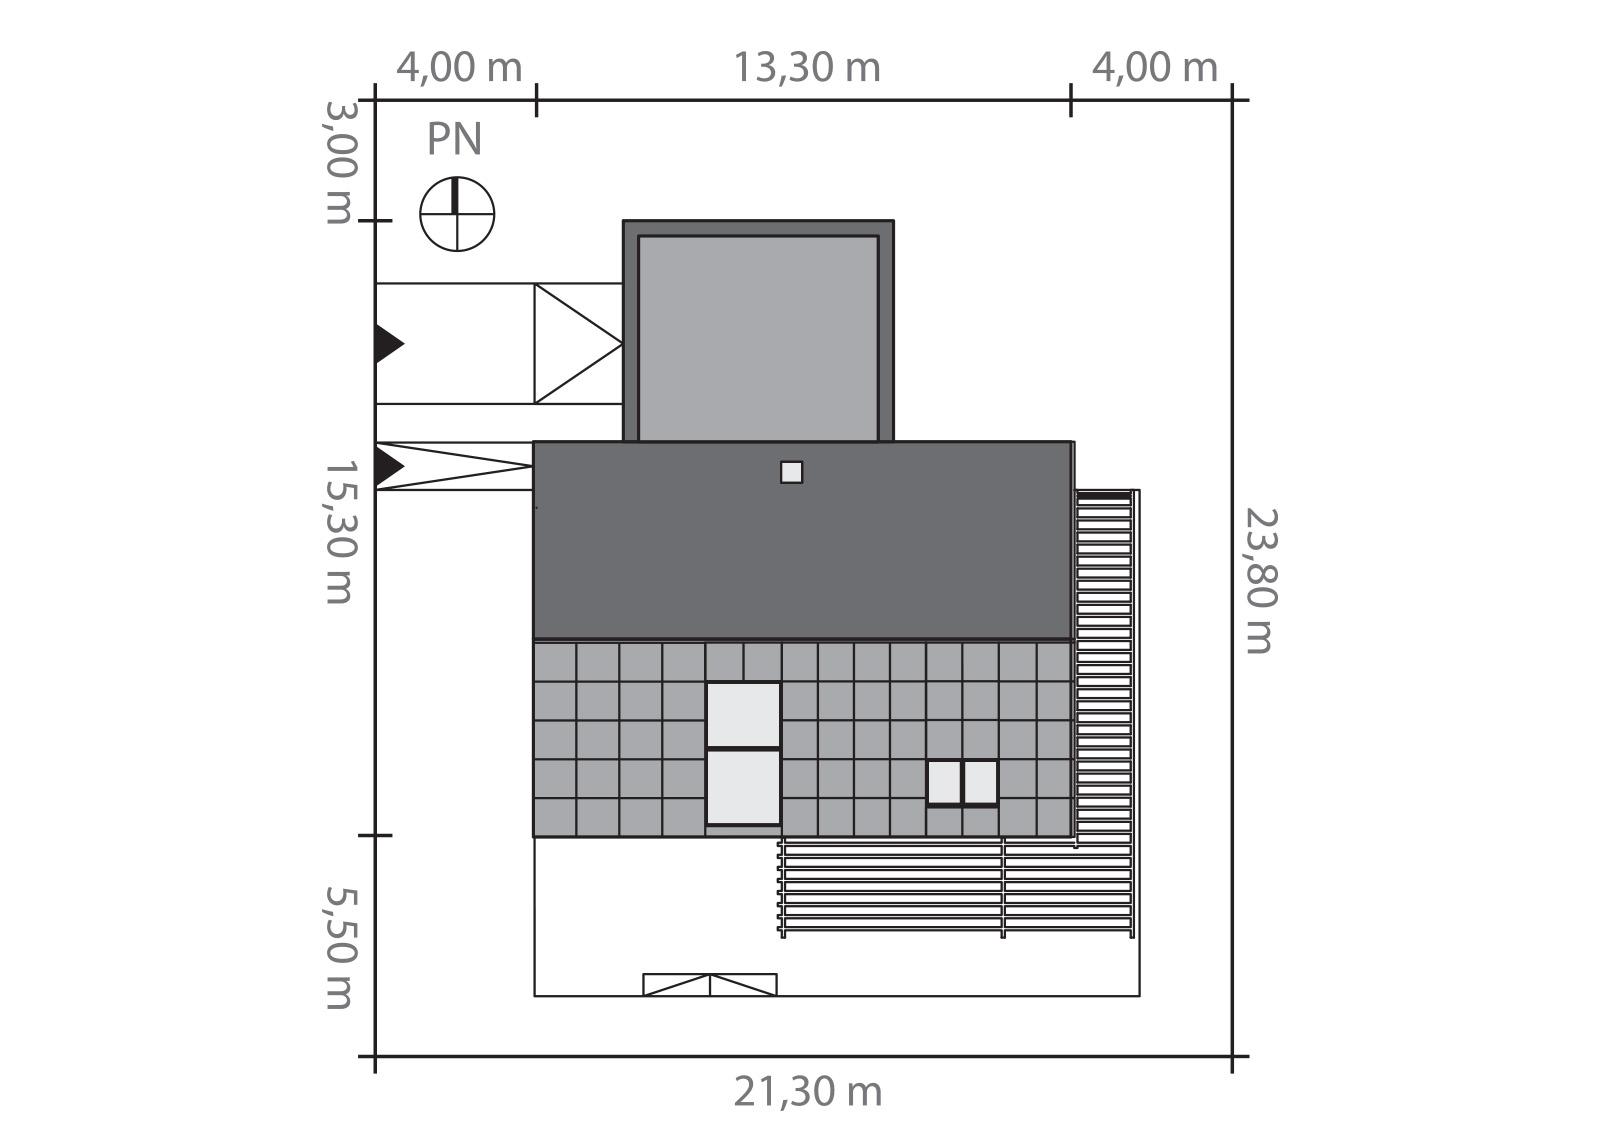 Projekt domu EX HOUSE Domy Czystej Energii rzut działki